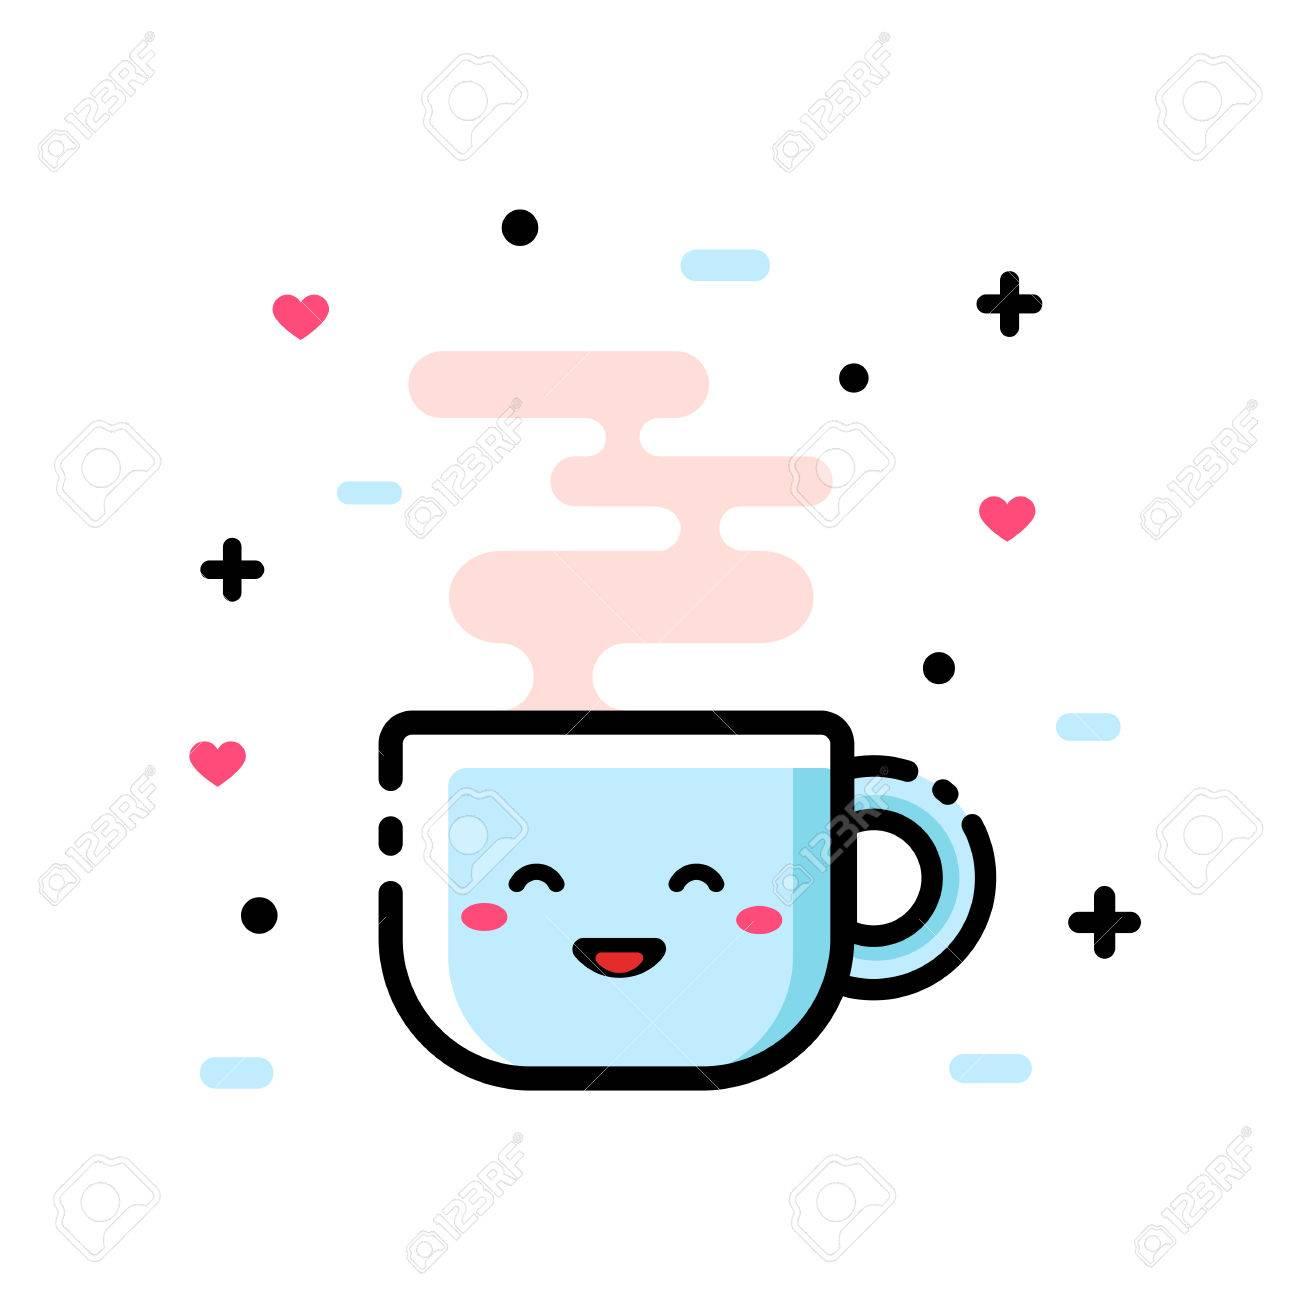 cute cartoon cup of tea funny cartoon vector illustration icon royalty free cliparts vectors and stock illustration image 73256134 cute cartoon cup of tea funny cartoon vector illustration icon